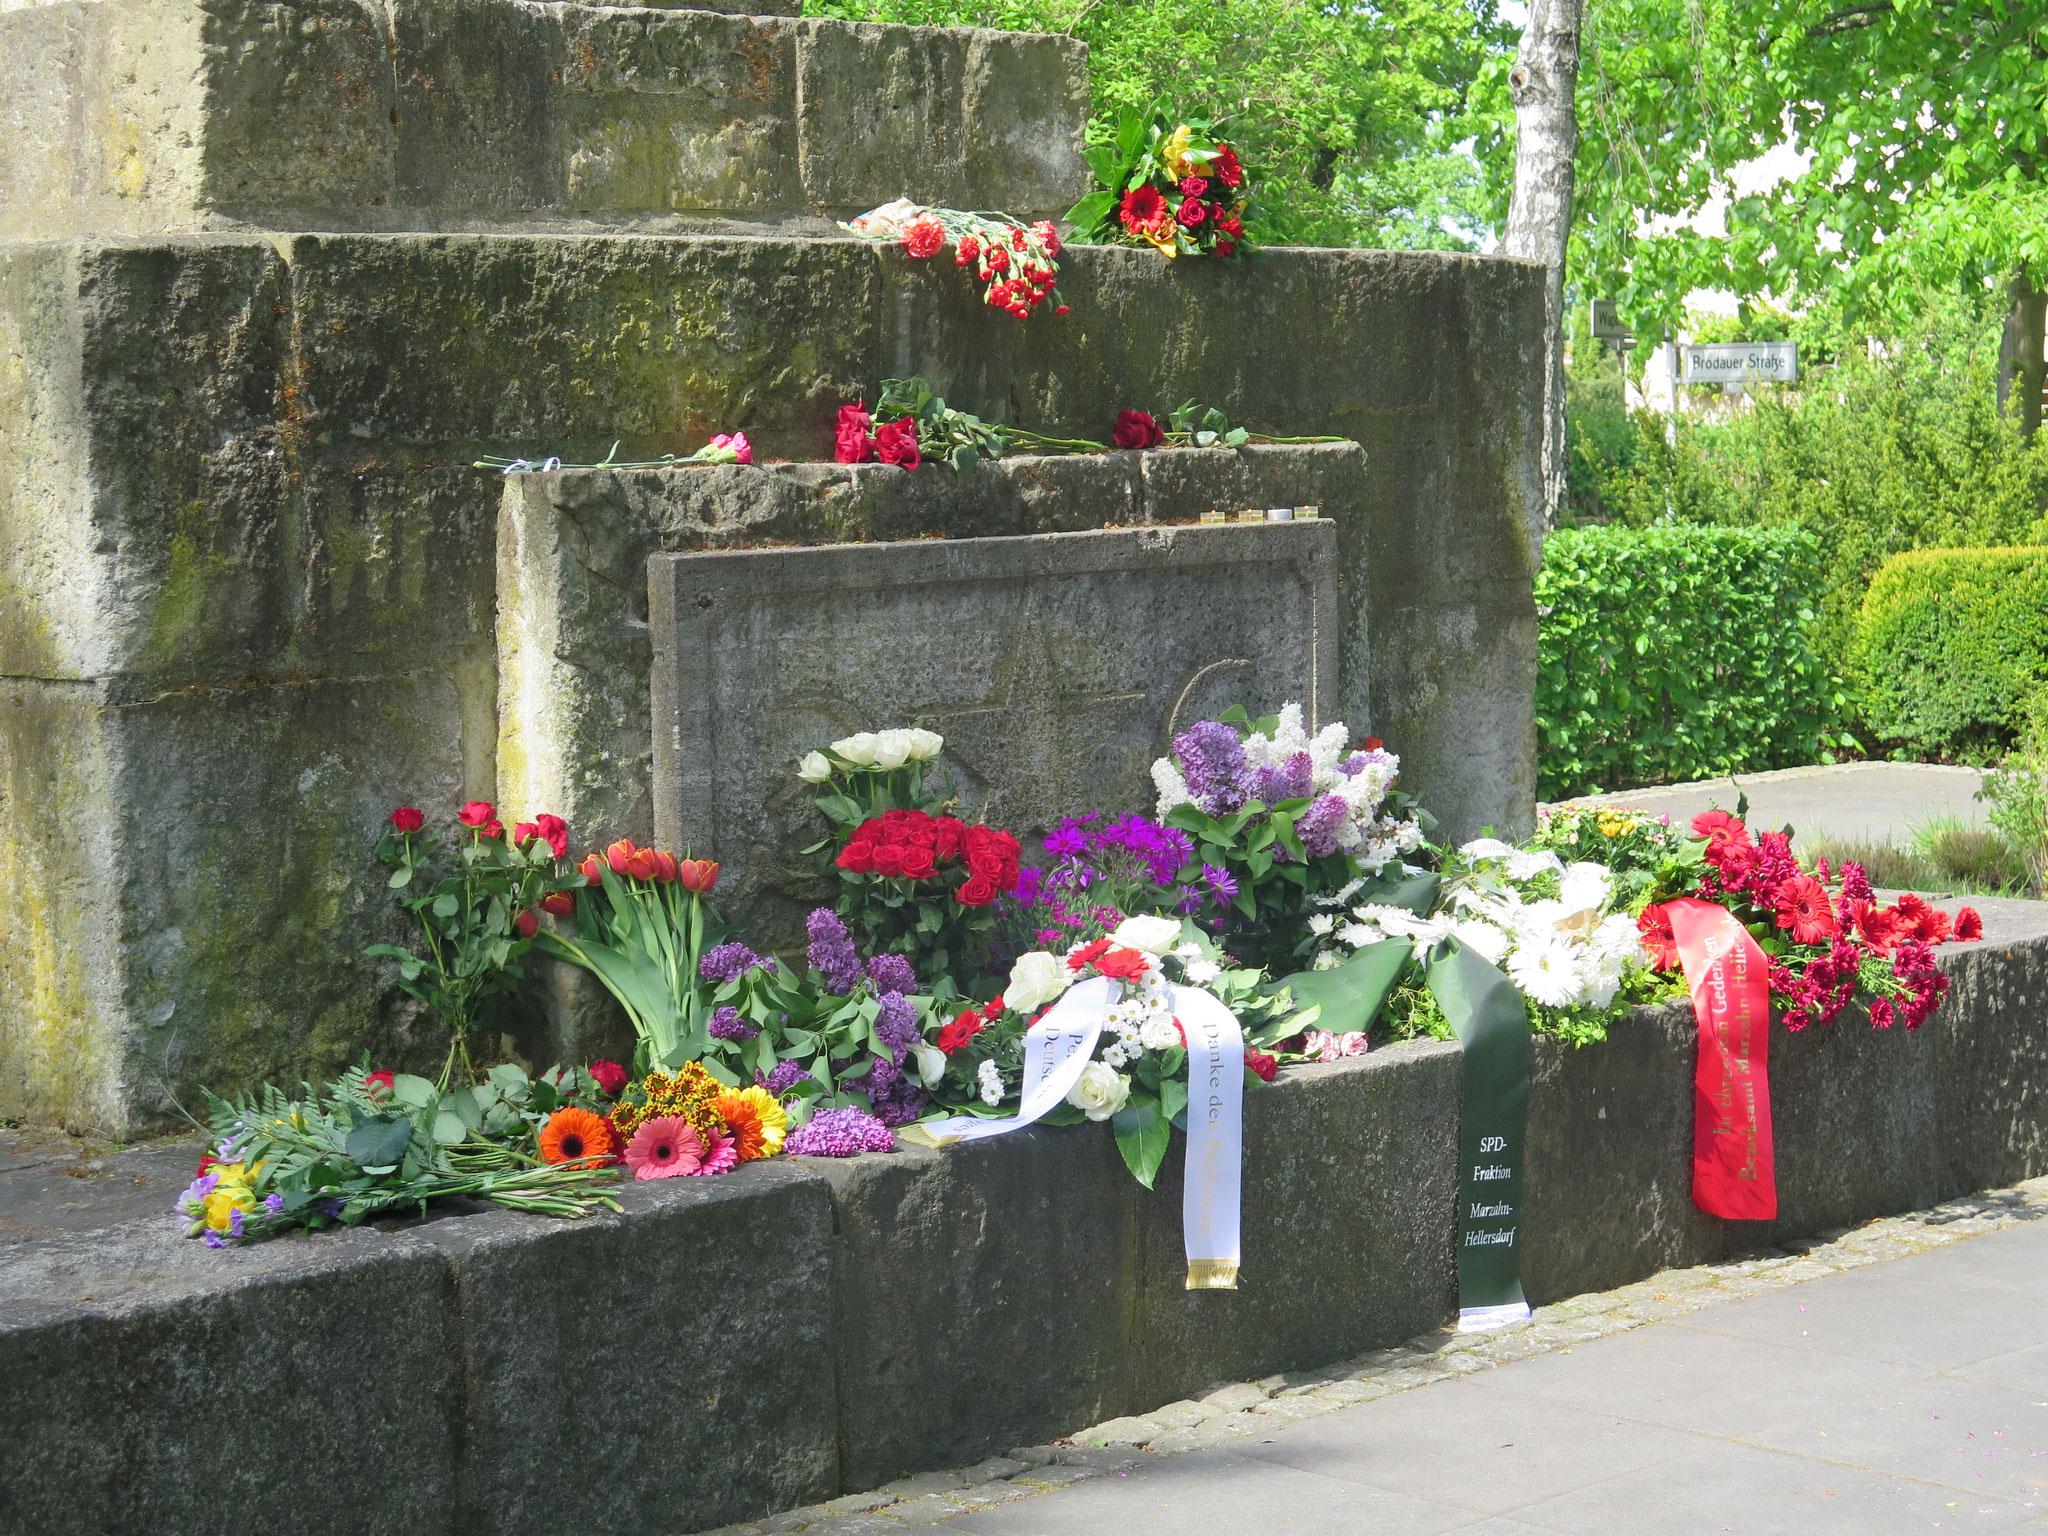 Das Ehrenmal wurde 1946 in Form eines Obelisken zur Erinnerung an die in Kaulsdorf gefallenen Soldaten der Roten Armee errichtet. Es befindet sich inmitten einer kleinen Grünanlage an der Brodauer Straße.